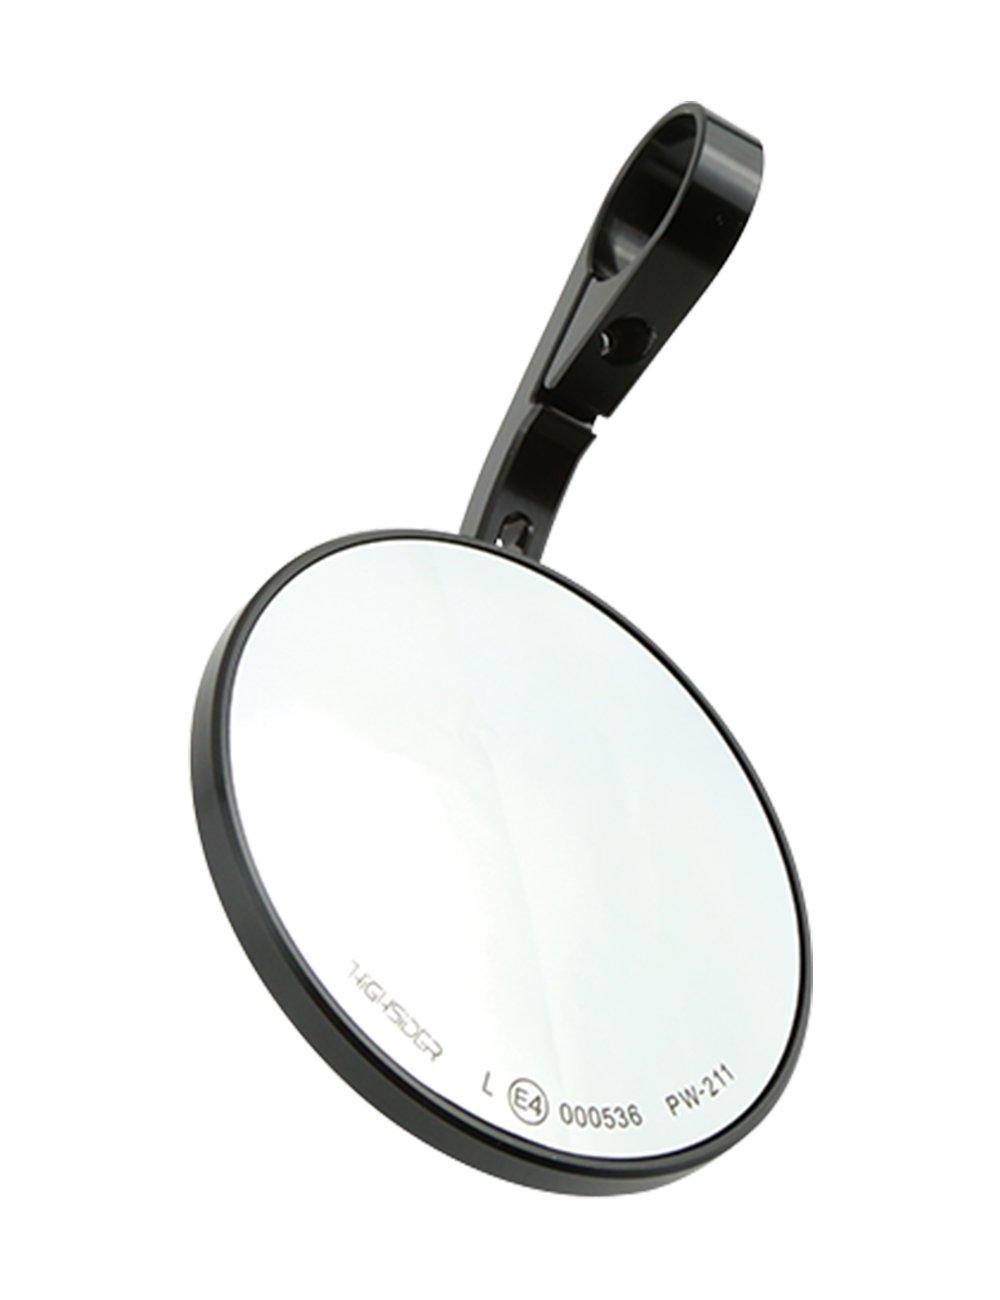 HIGHSIDER Conero 2 Motorrad Lenkerendenspiegel E-gepr/üft